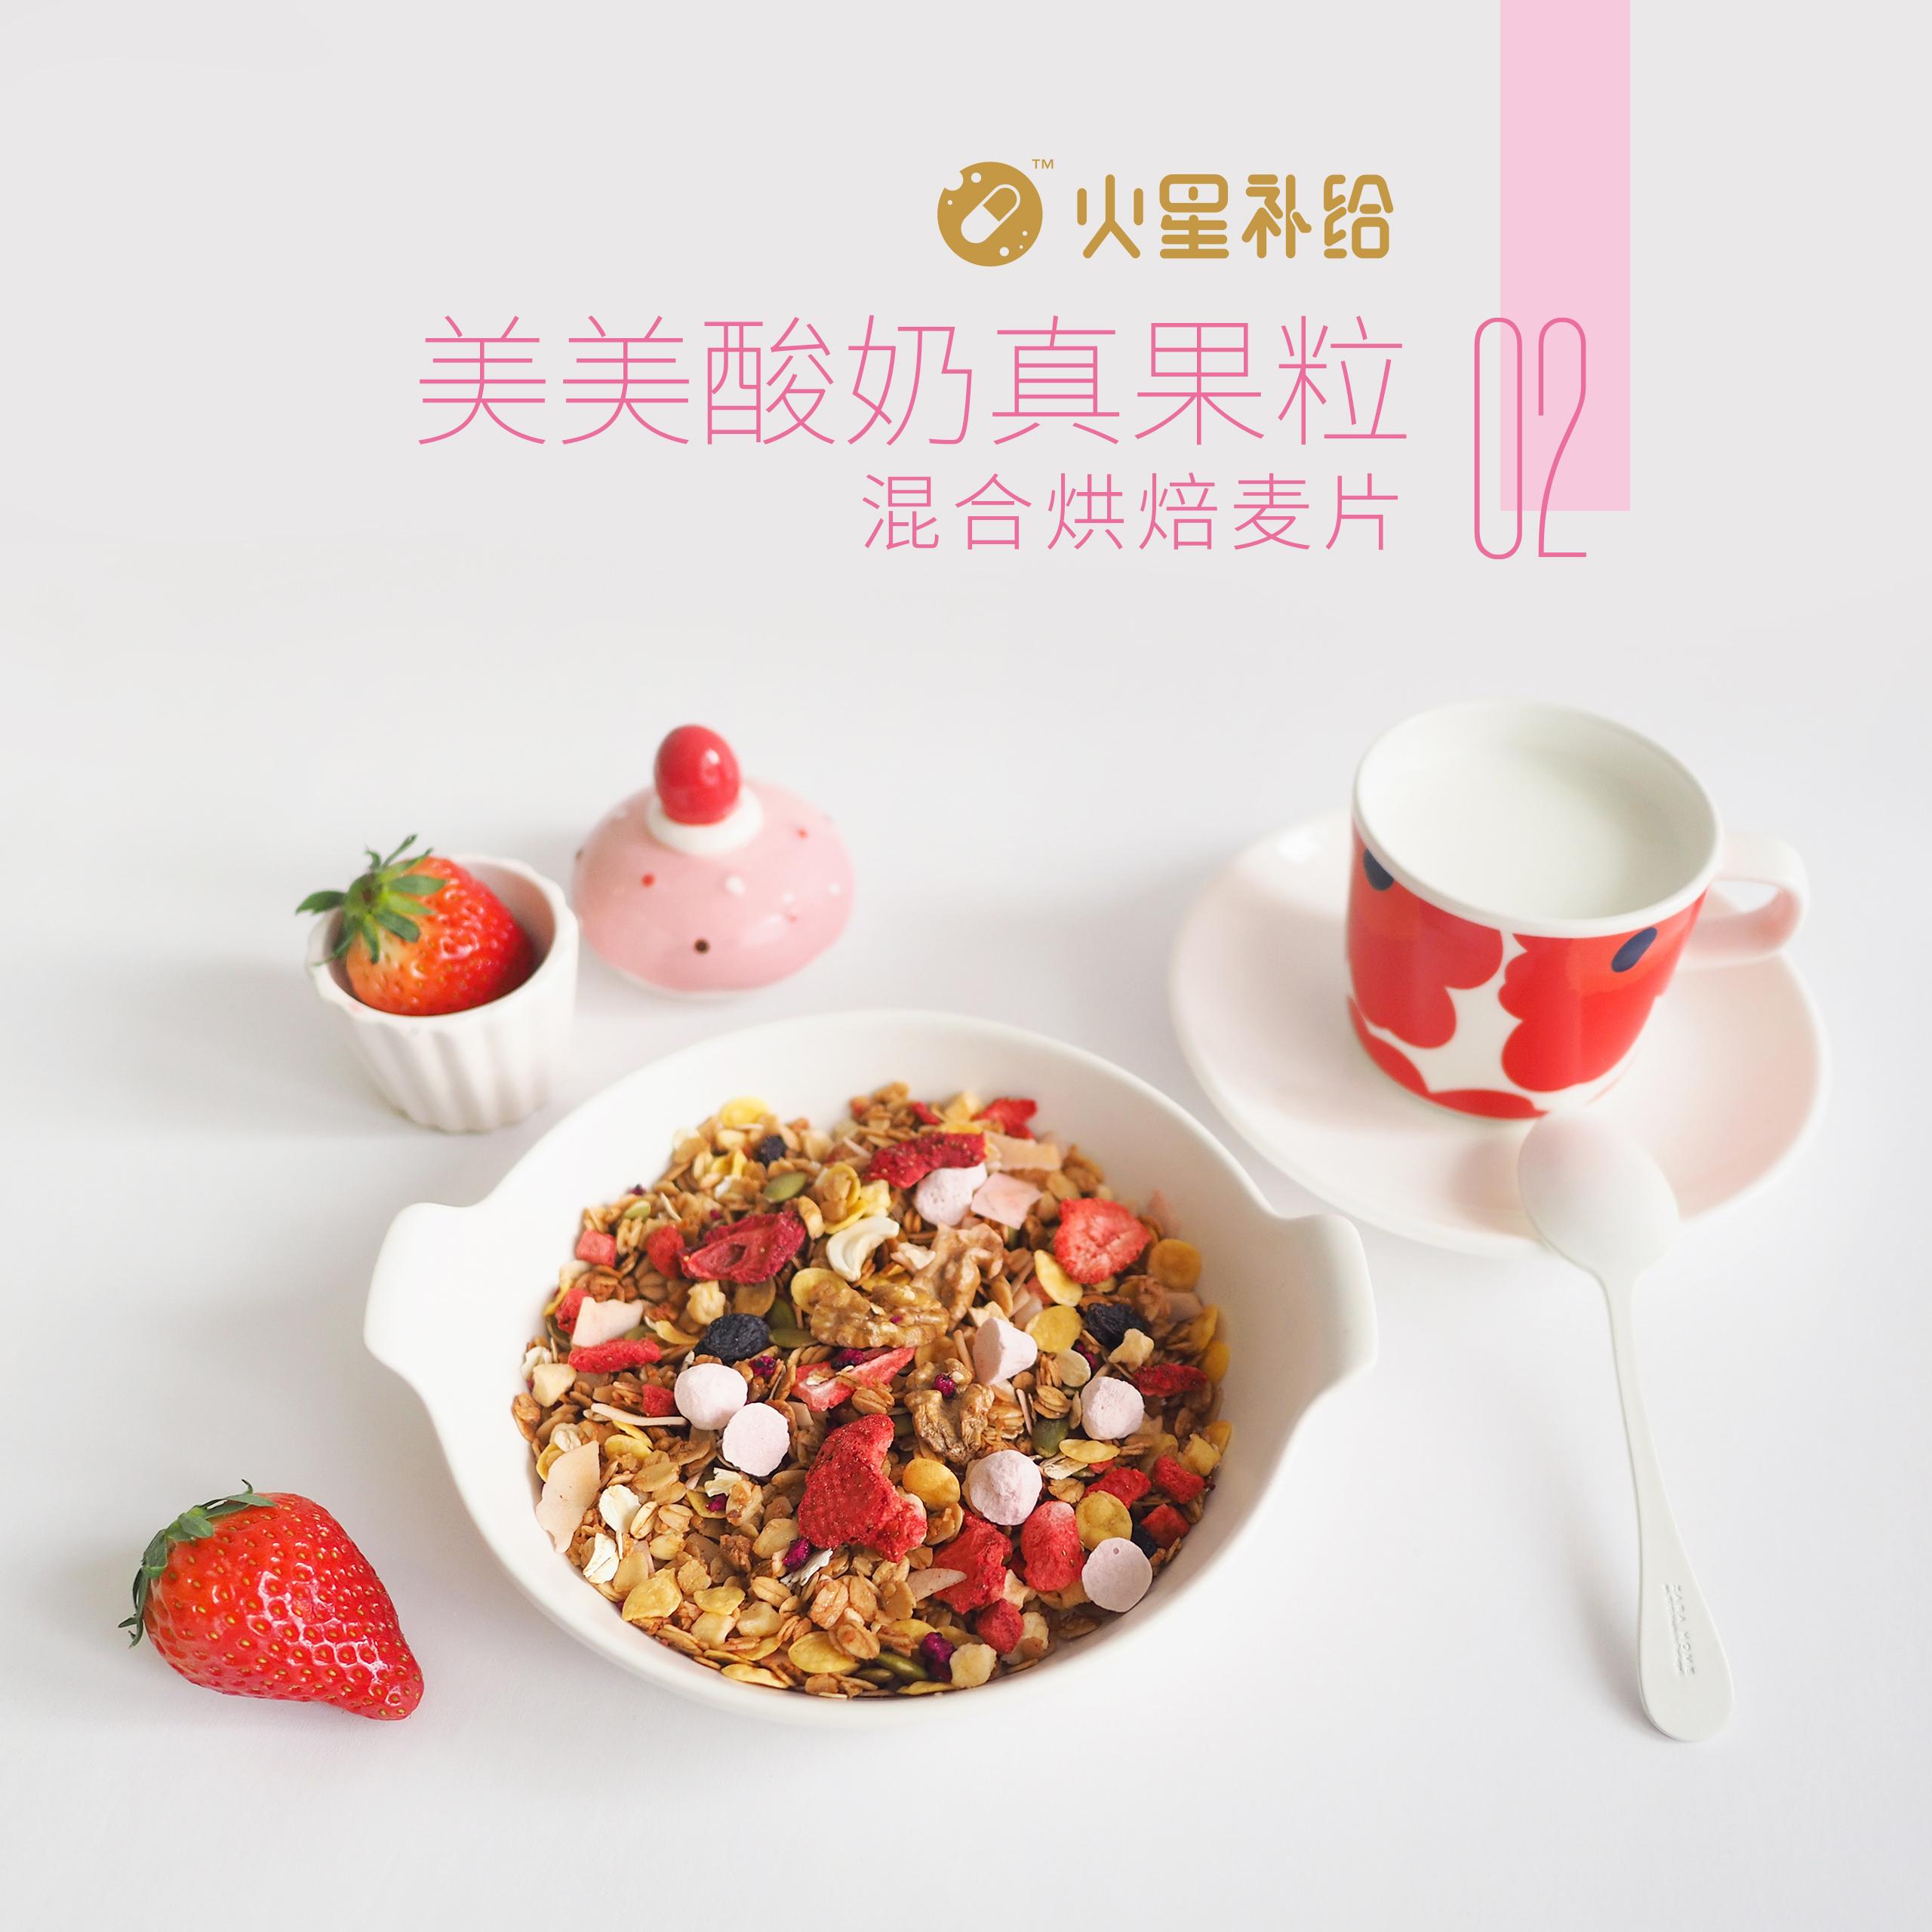 手慢无火星补给 酸奶水果麦片 代餐养胃早餐营养饱腹 健身美味食品